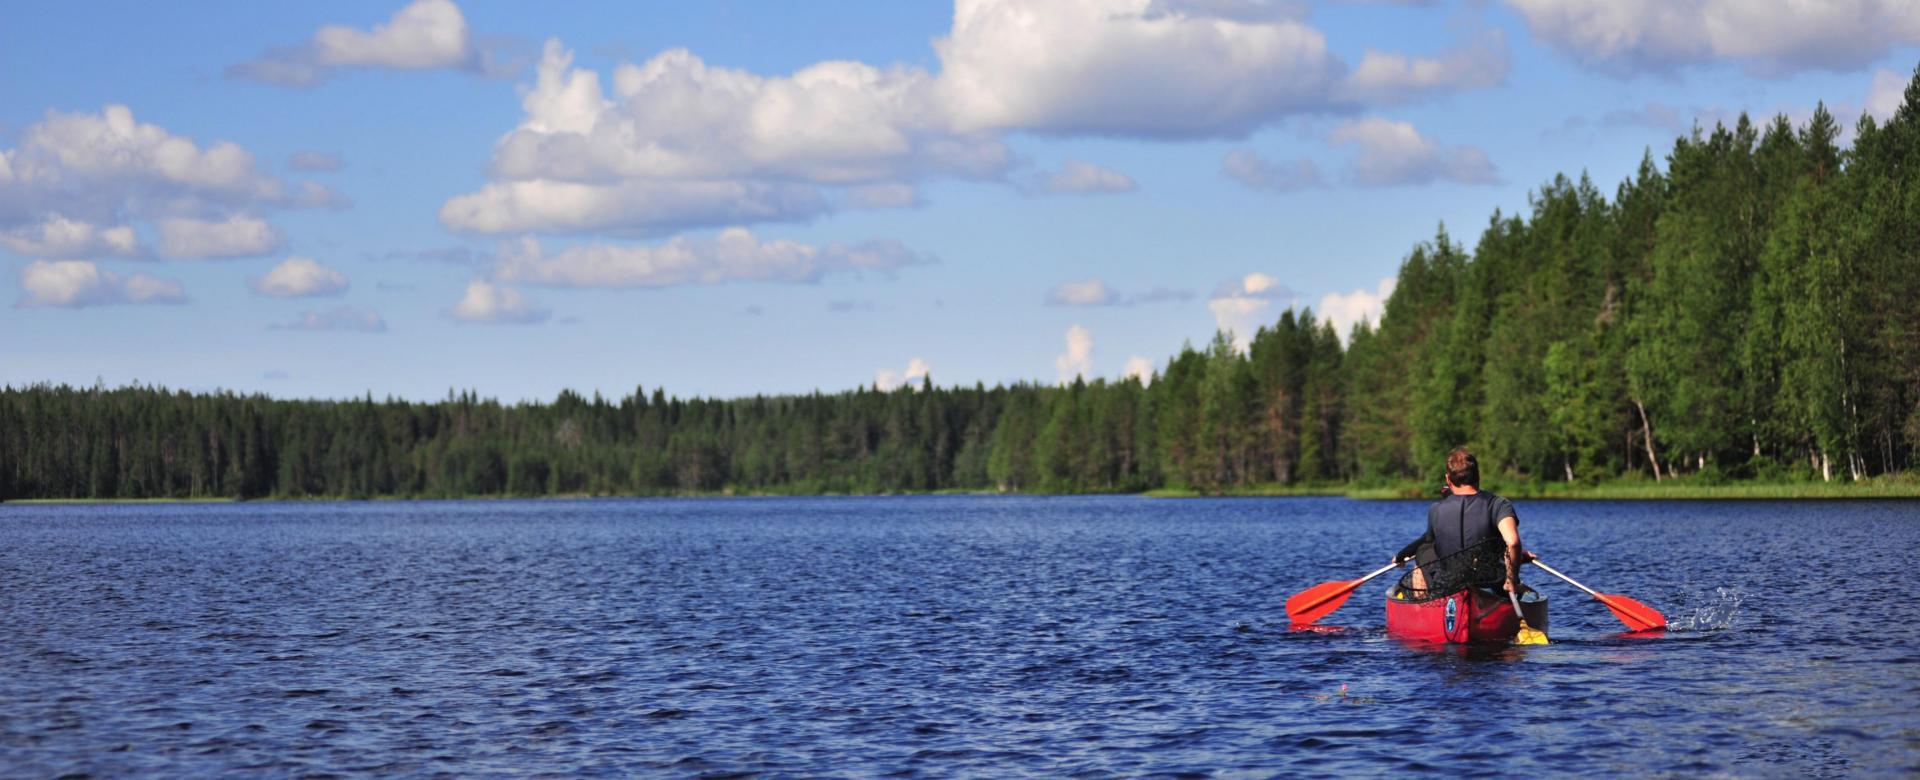 Voyage sur l'eau : Canoë en laponie